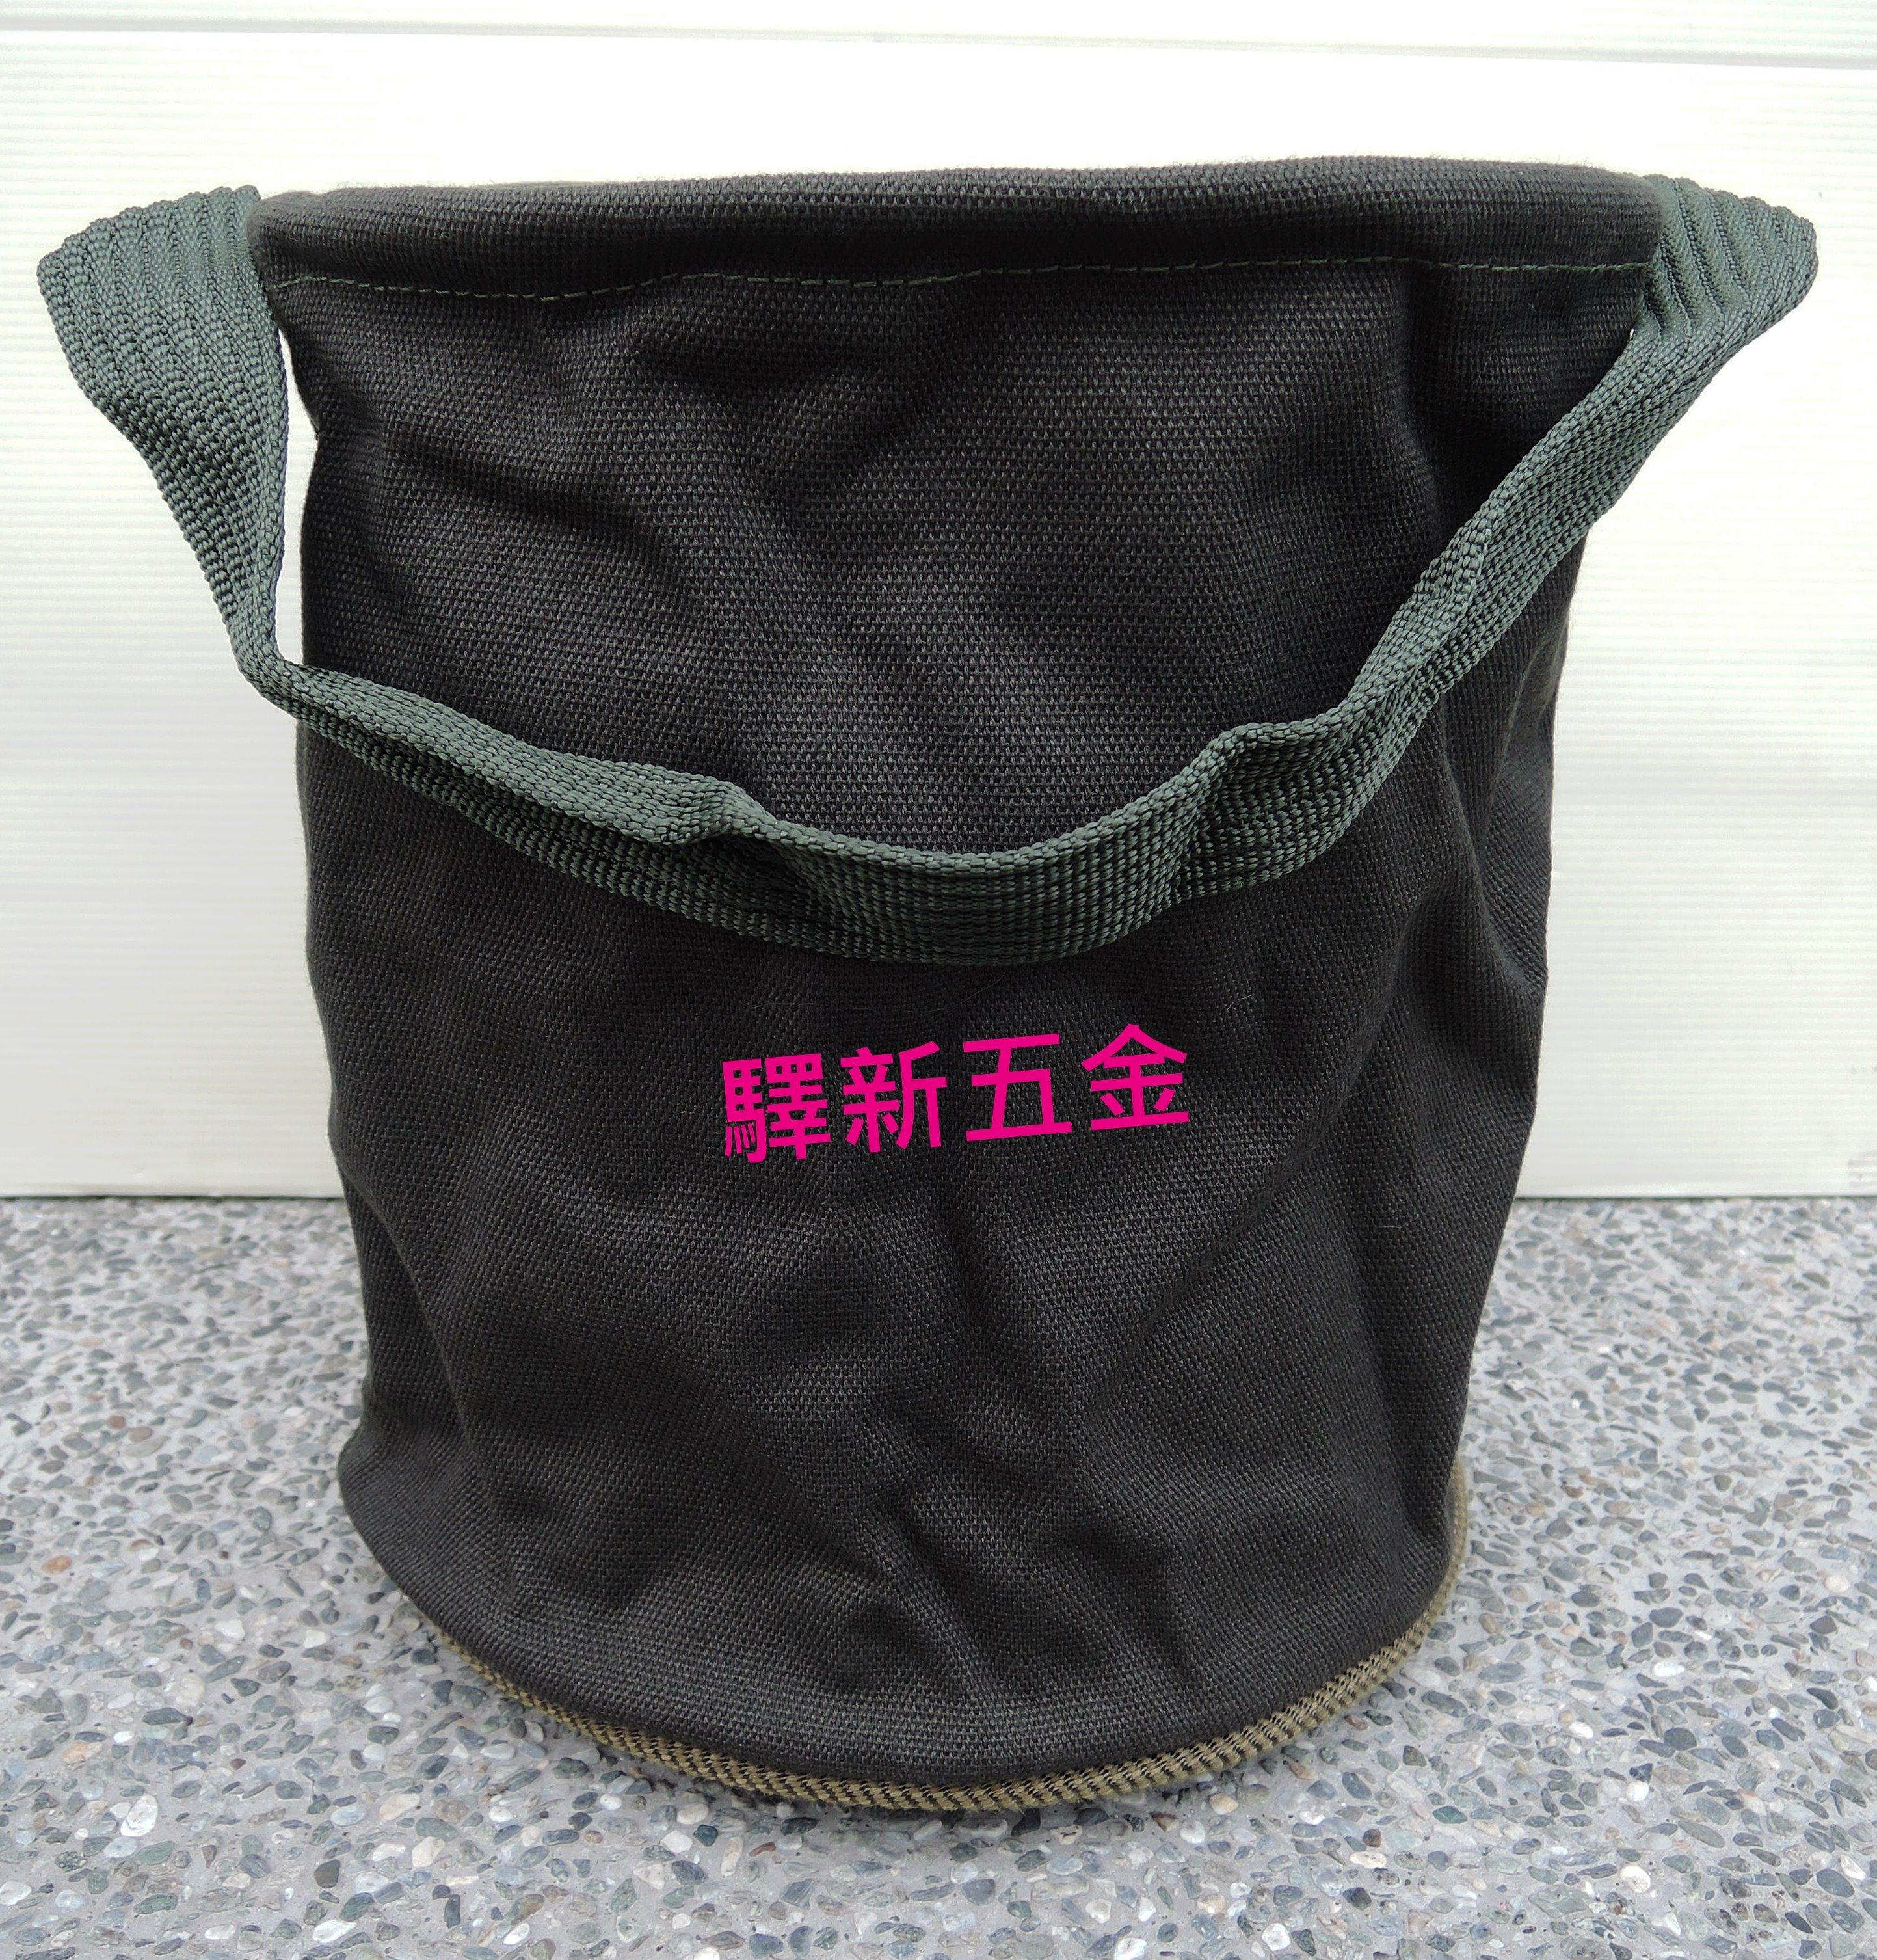 *含稅《驛新 》深綠螺絲袋-圓形 帆布袋工具袋 零件袋 工具收納袋 工具包 水電收納包 木工袋 工作袋 電工袋 製